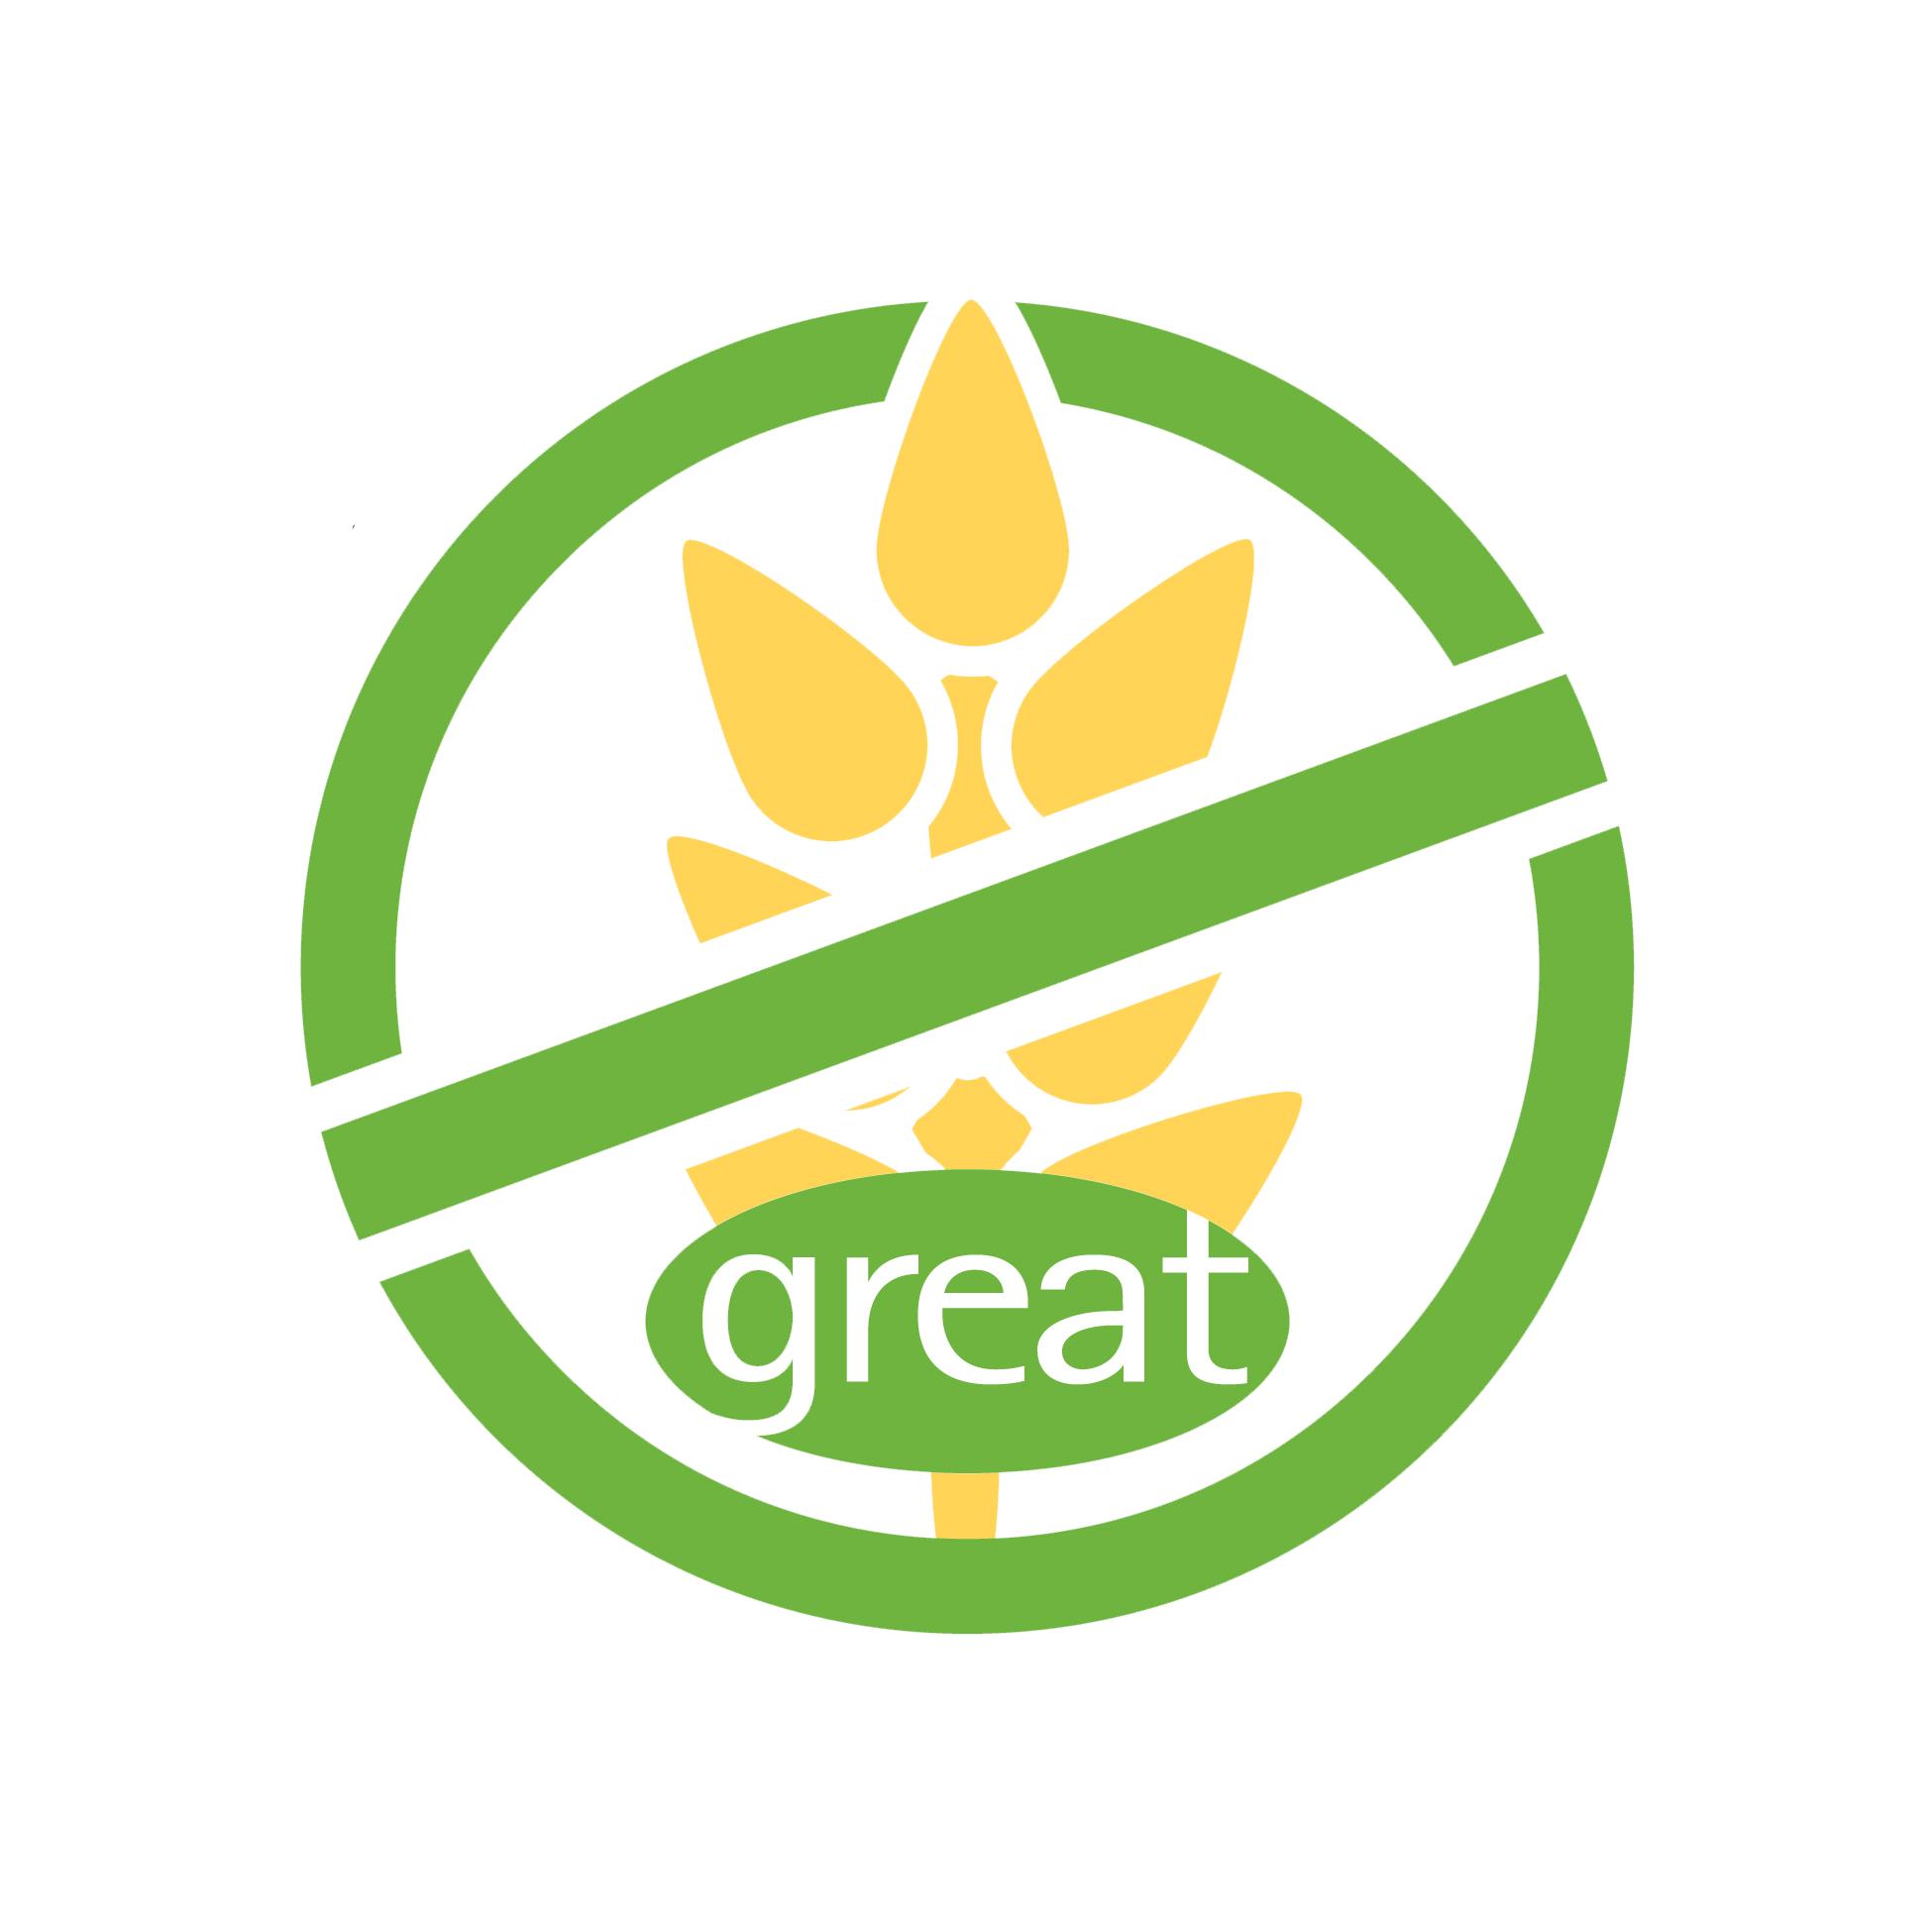 GREAT-kitchens-gluten-free-logo - Venue